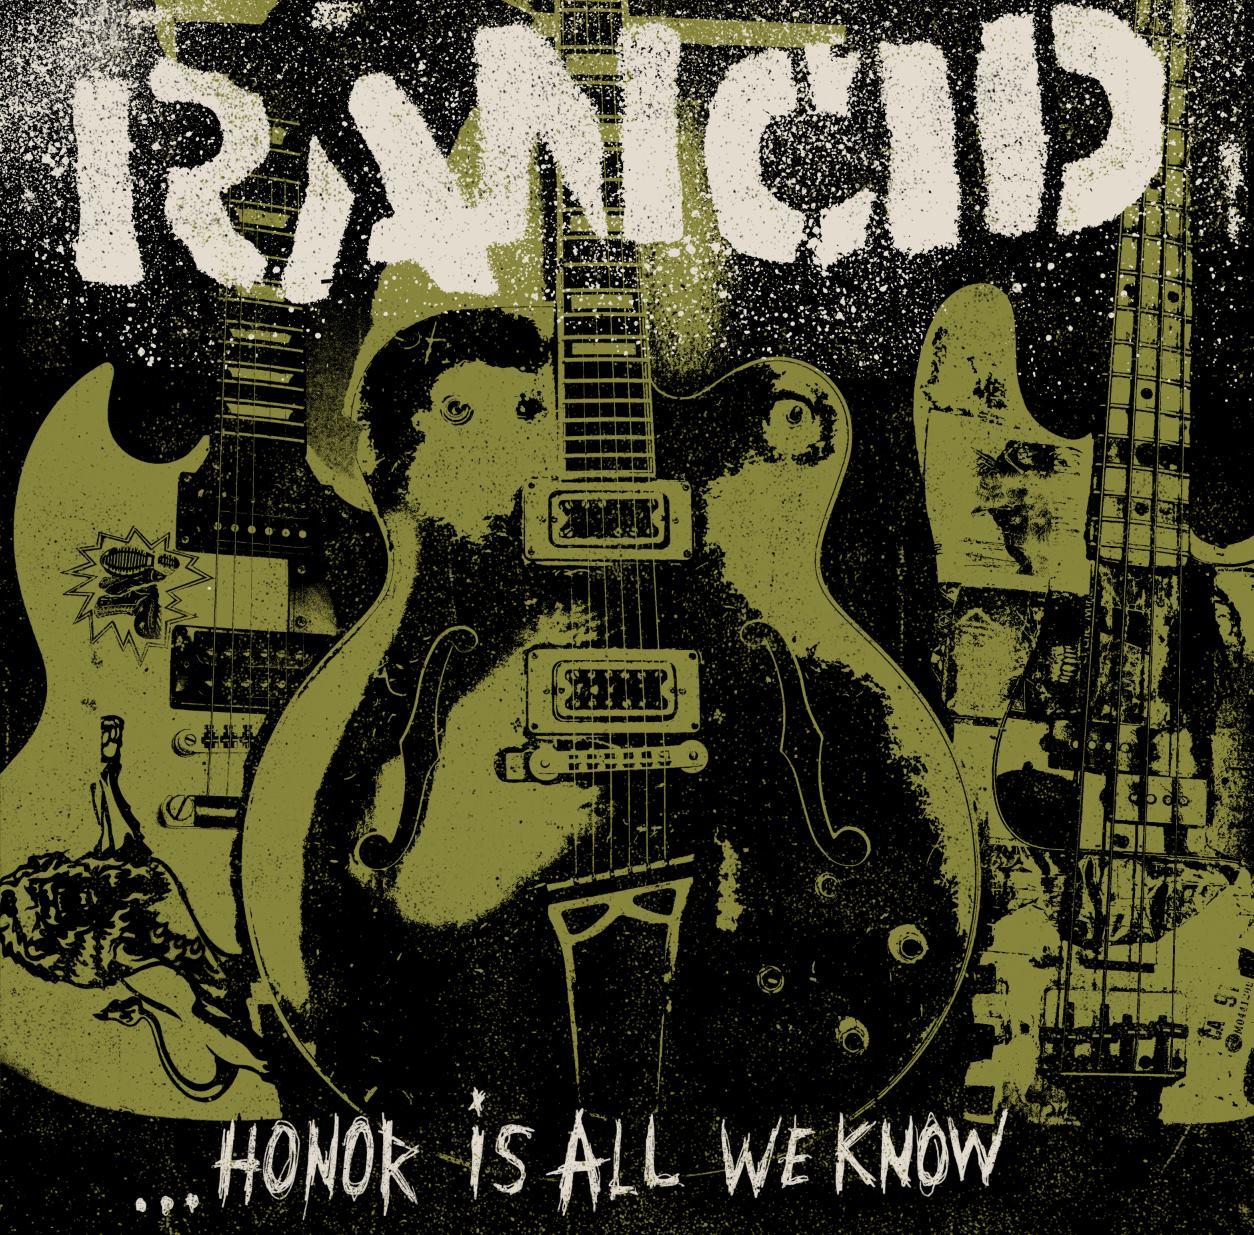 Rancid_Honor_Is_All_We_Know_Album_Artwork.jpg